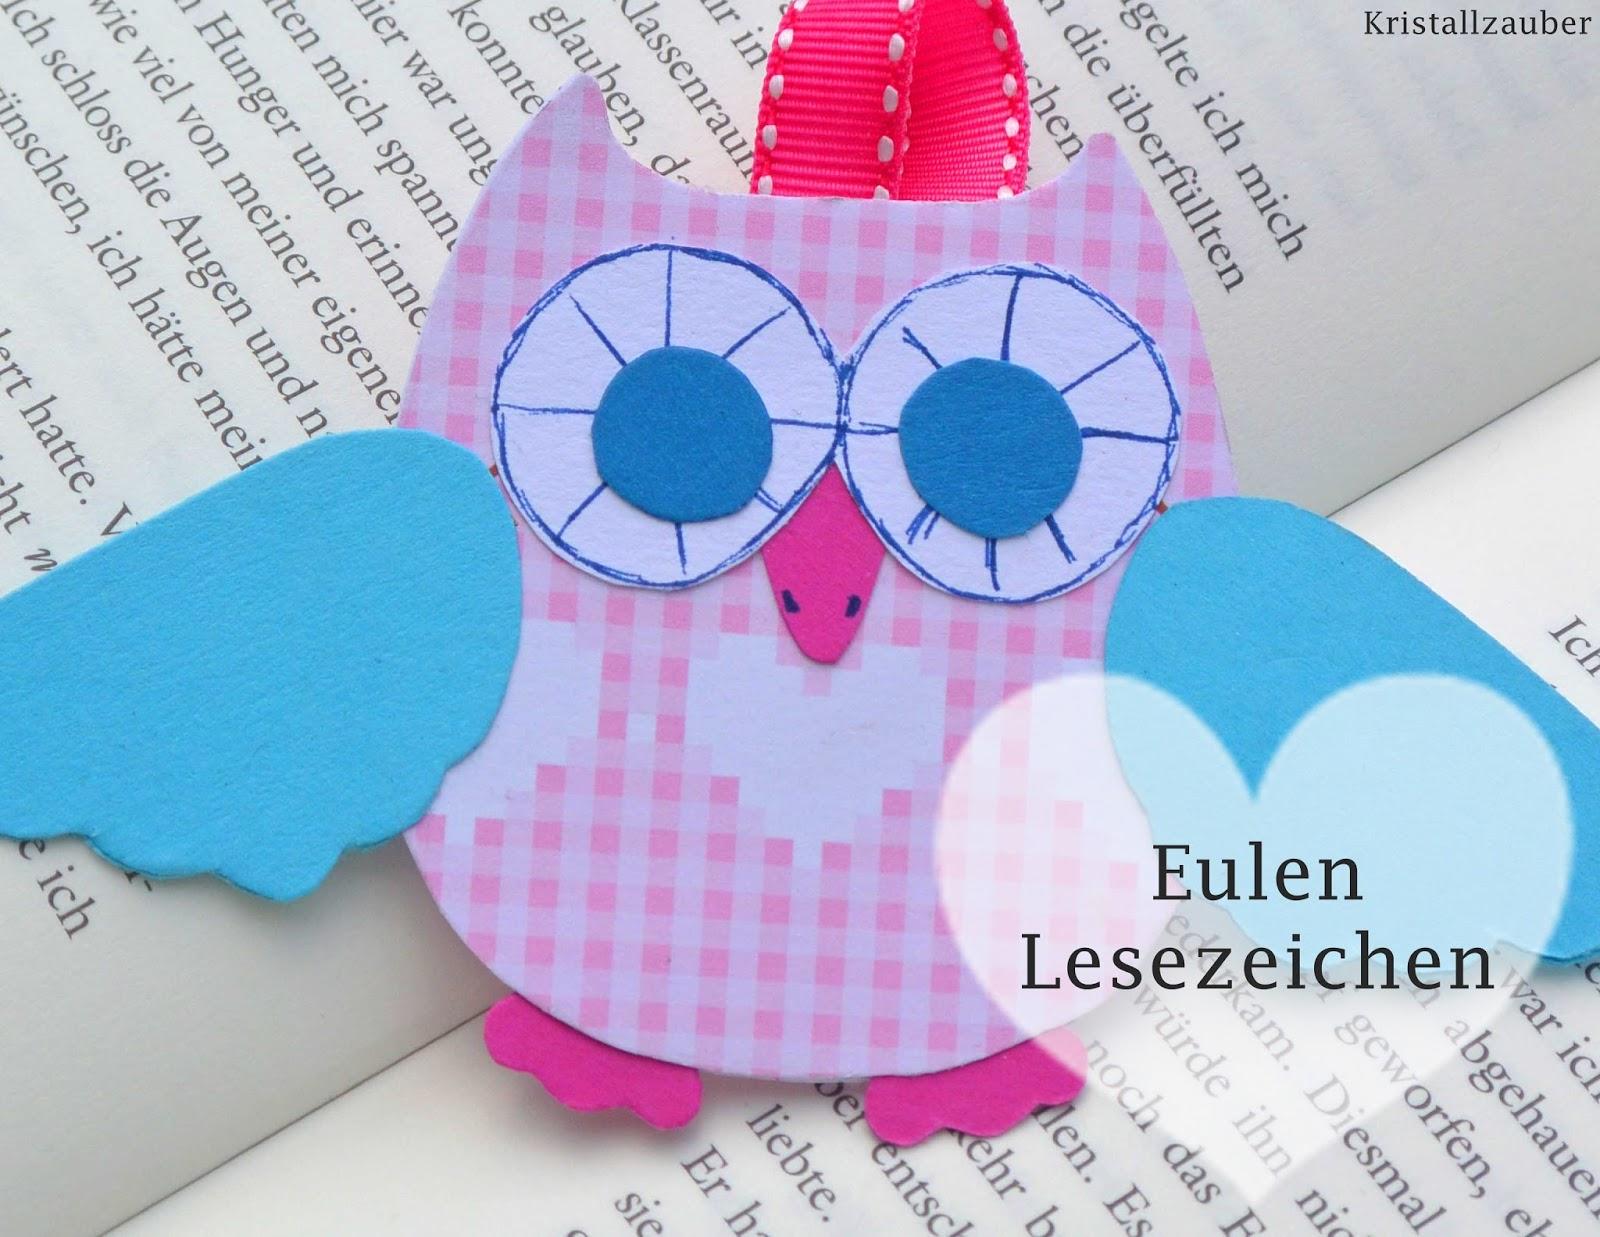 Kristallzauber: {DIY} Kleine Eulen Lesezeichen zum Basteln